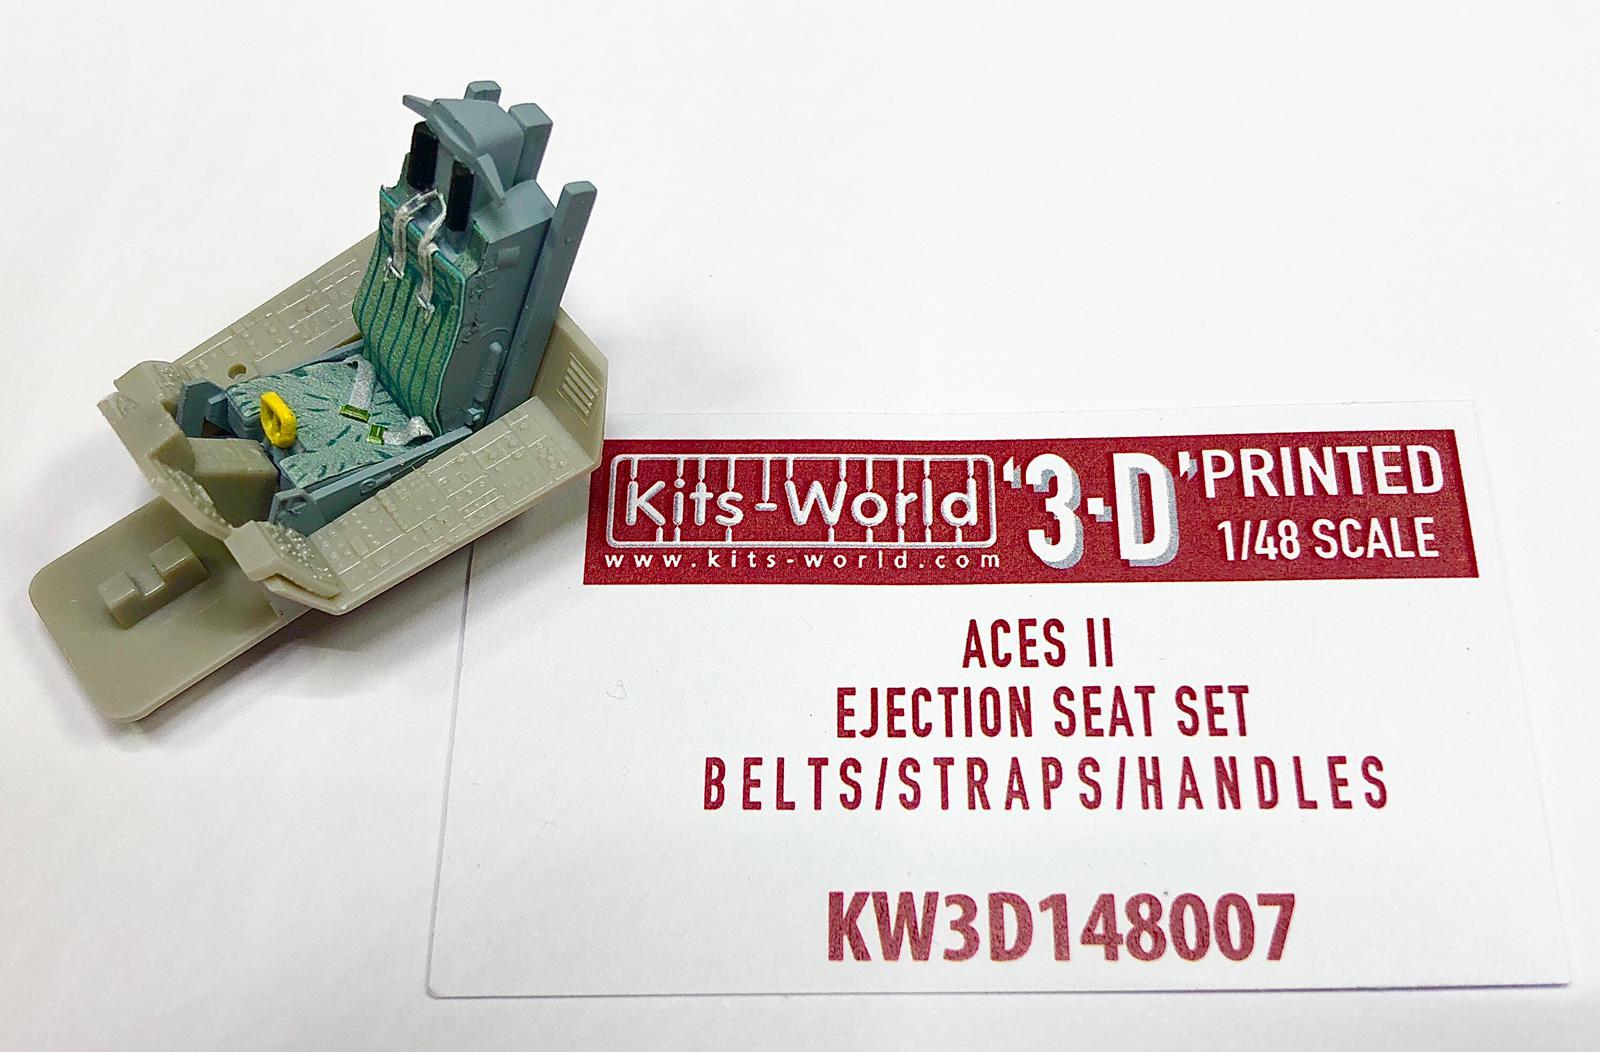 KW3D148007